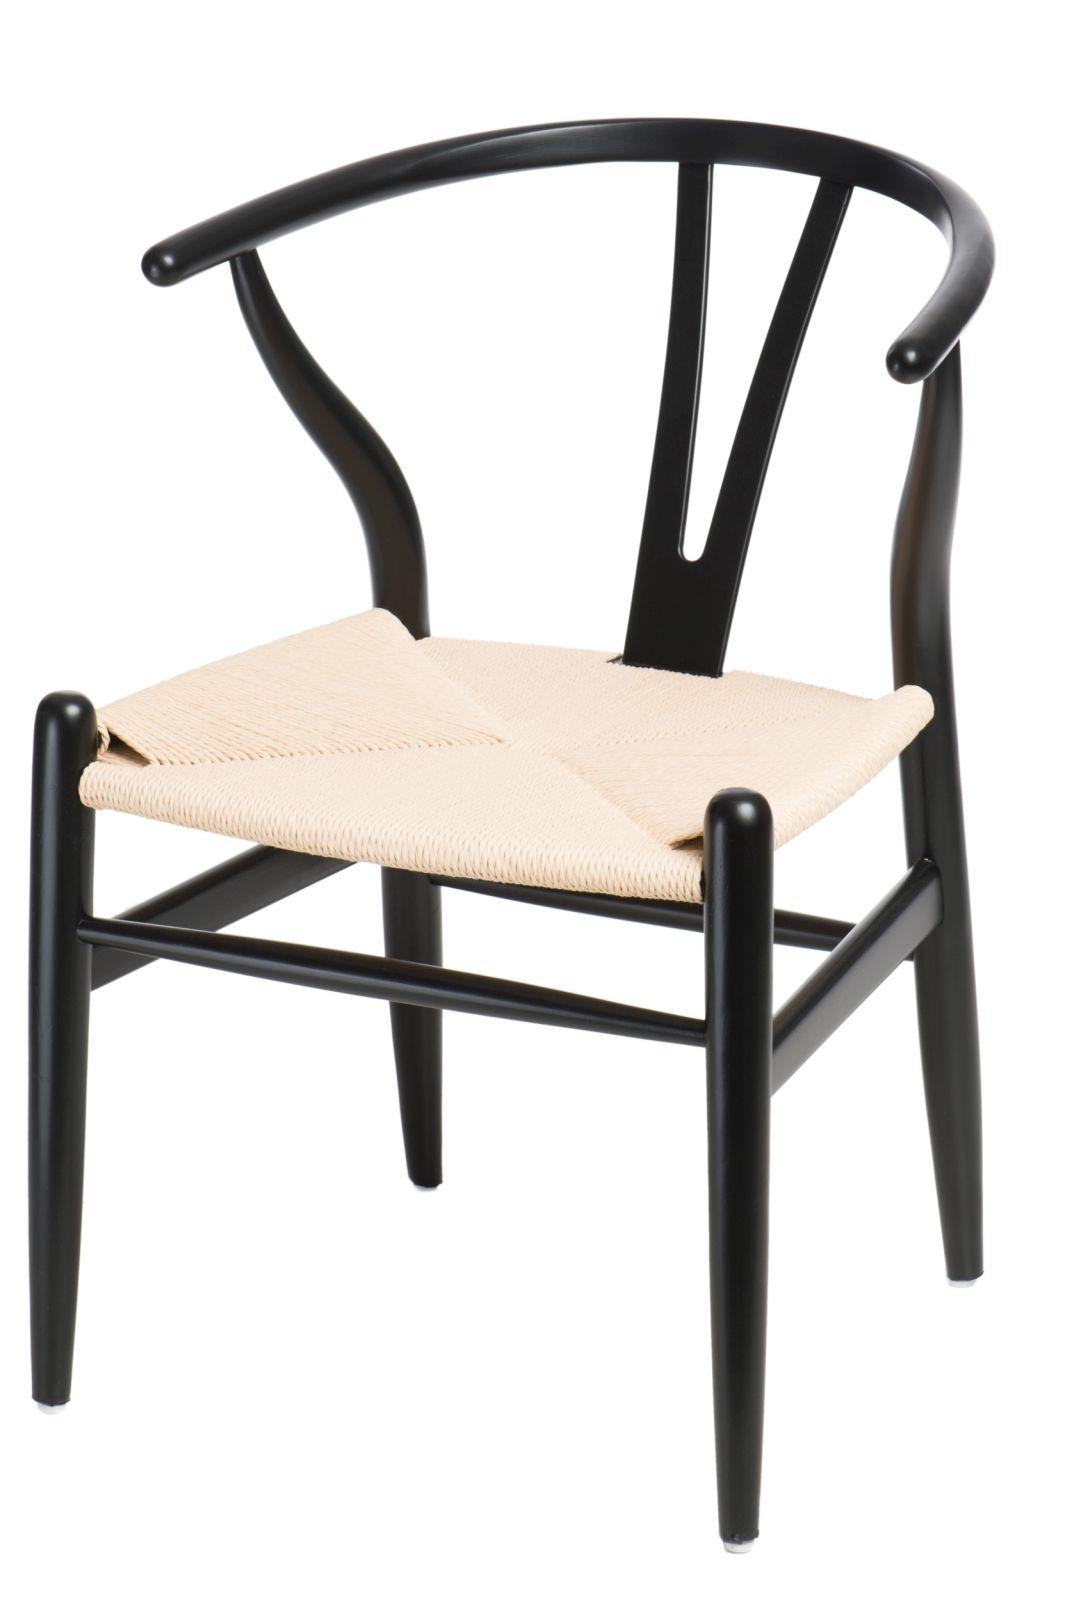 Design2 Stoličky Wicker čierna